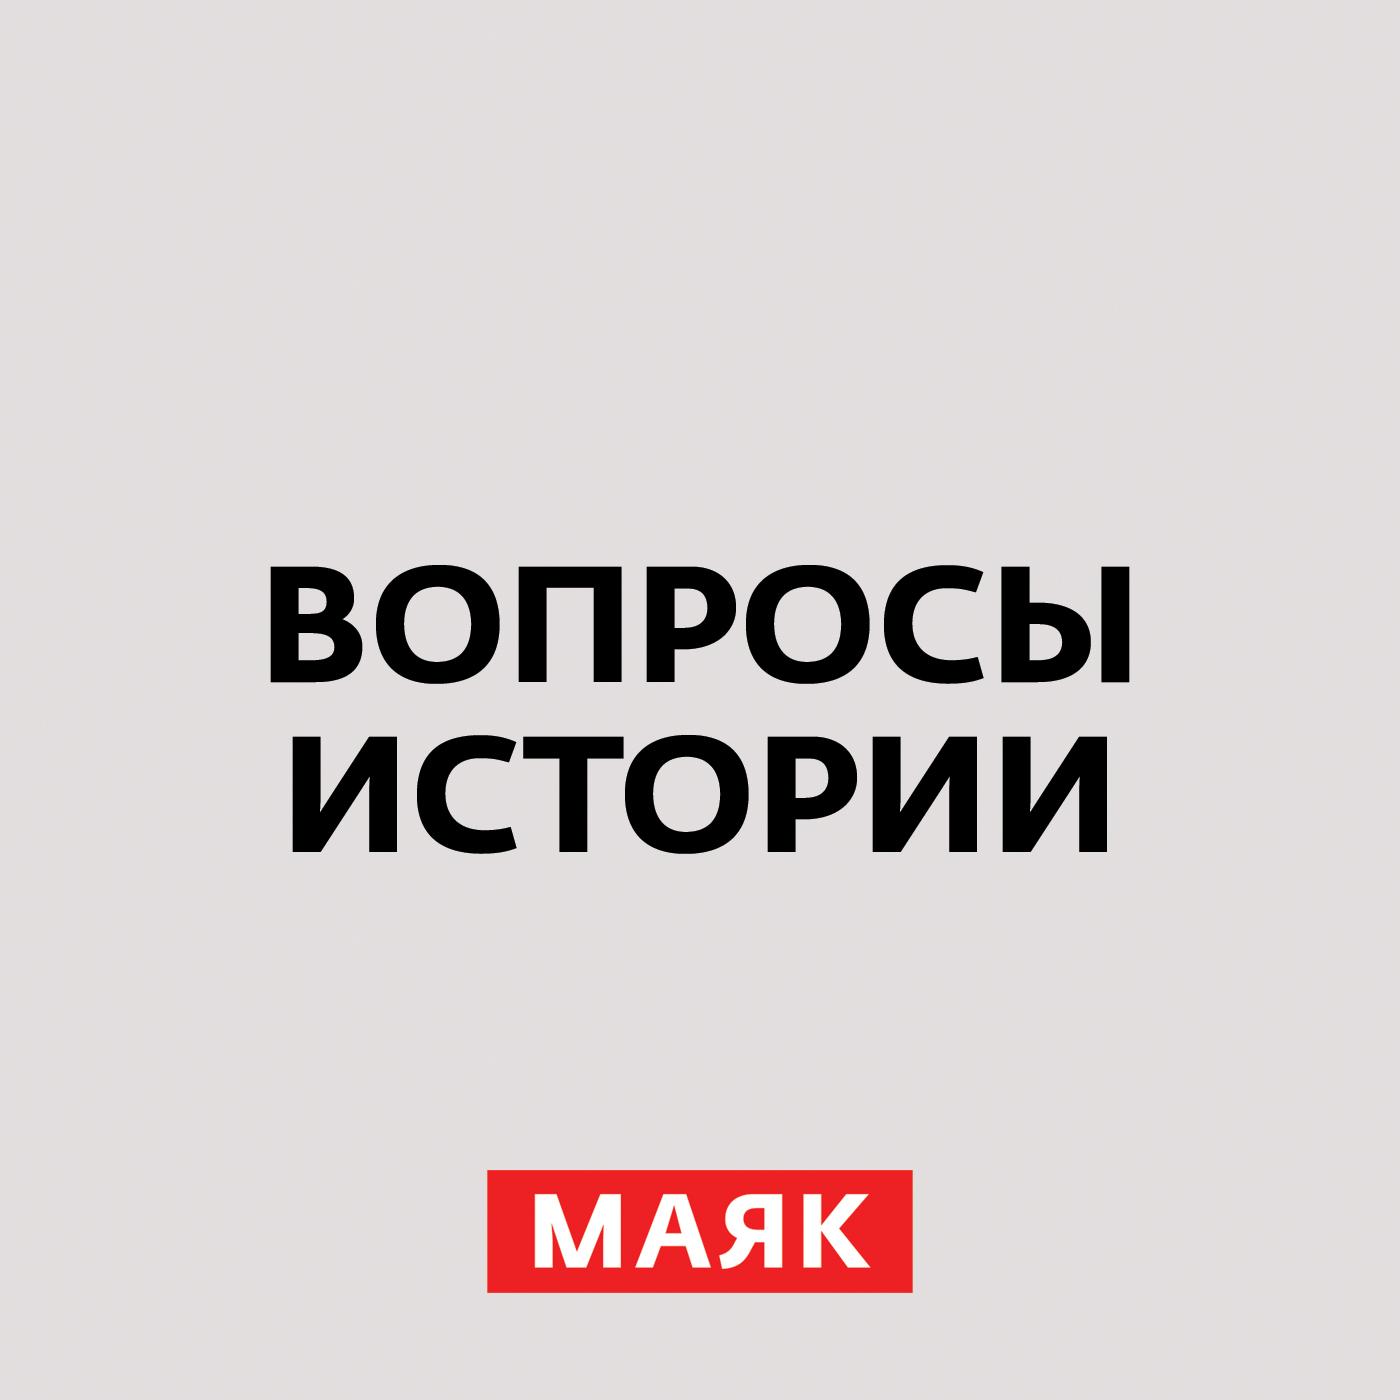 Андрей Светенко Война – это хлыст научно-технического прогресса андрей светенко русско турецкие войны парадоксальное и малоизвестное часть 3